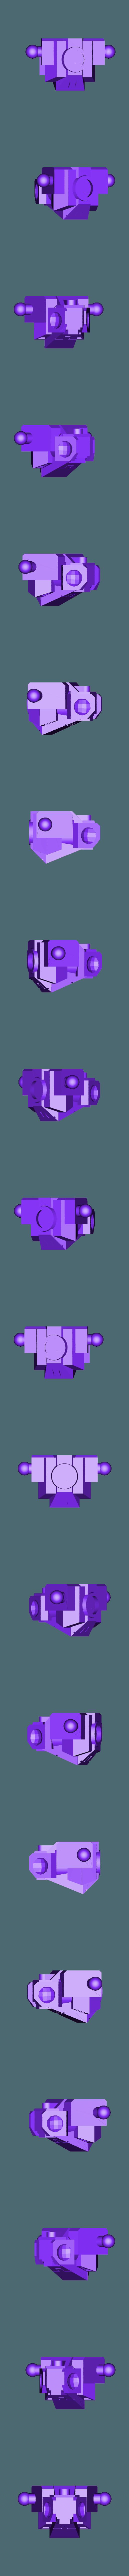 Tau_Torso.stl Télécharger fichier STL gratuit Torse de combat Tau • Design imprimable en 3D, MKojiro